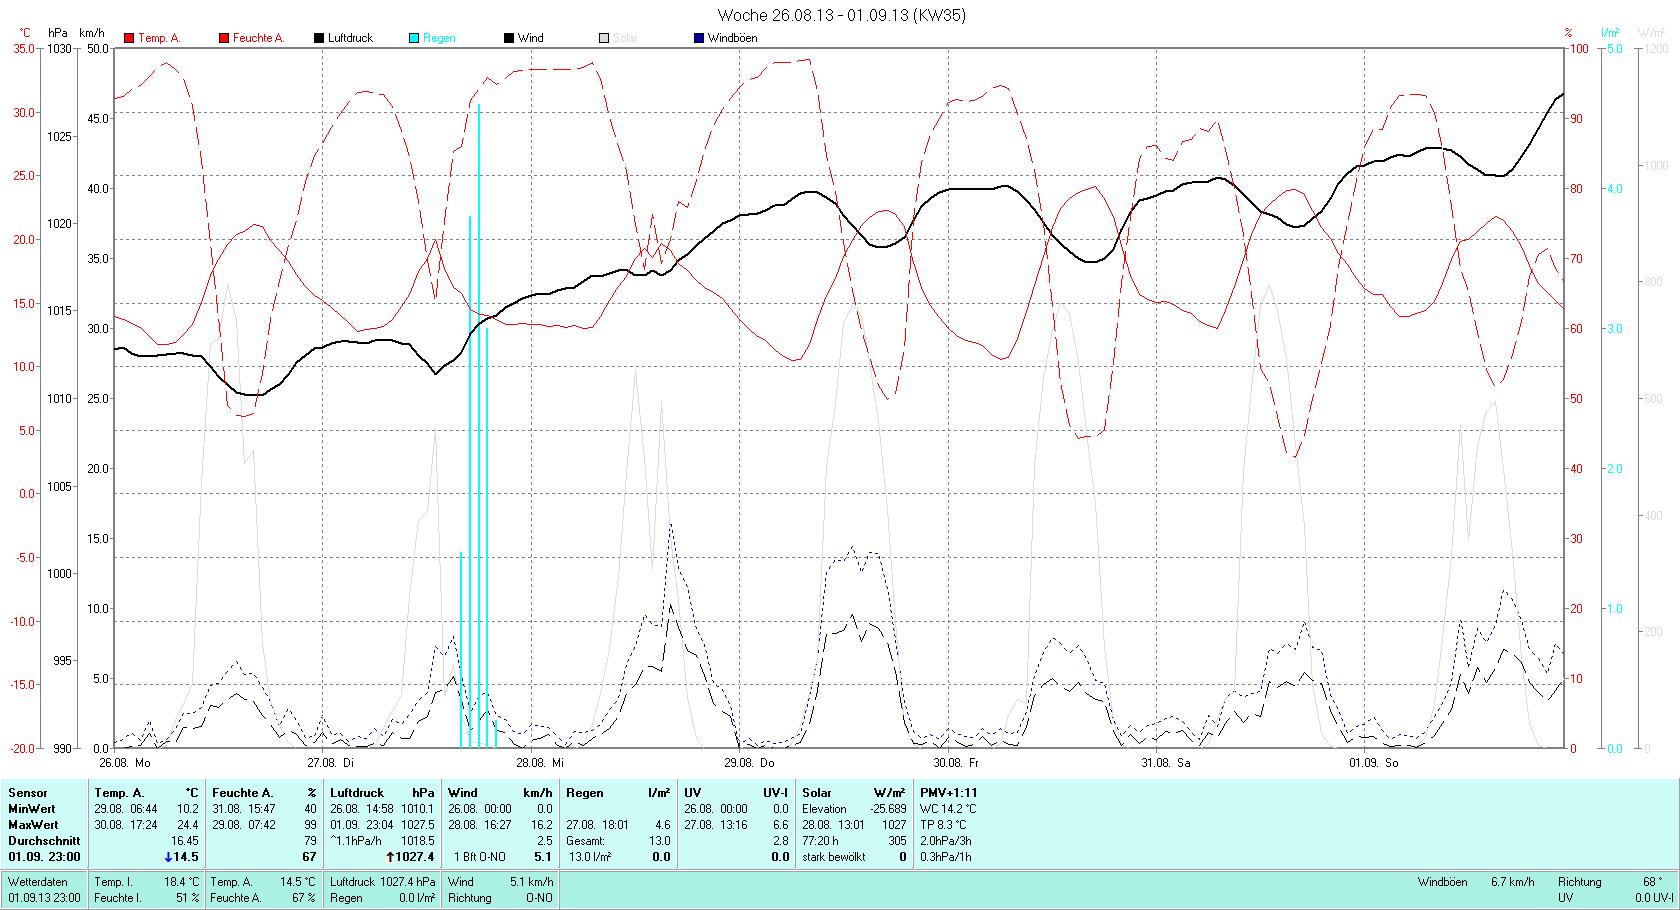 KW 35 Tmin 10.2°C, Tmax 24.4°C, Sonne 52:53h, Niederschlag 13.0mm/2